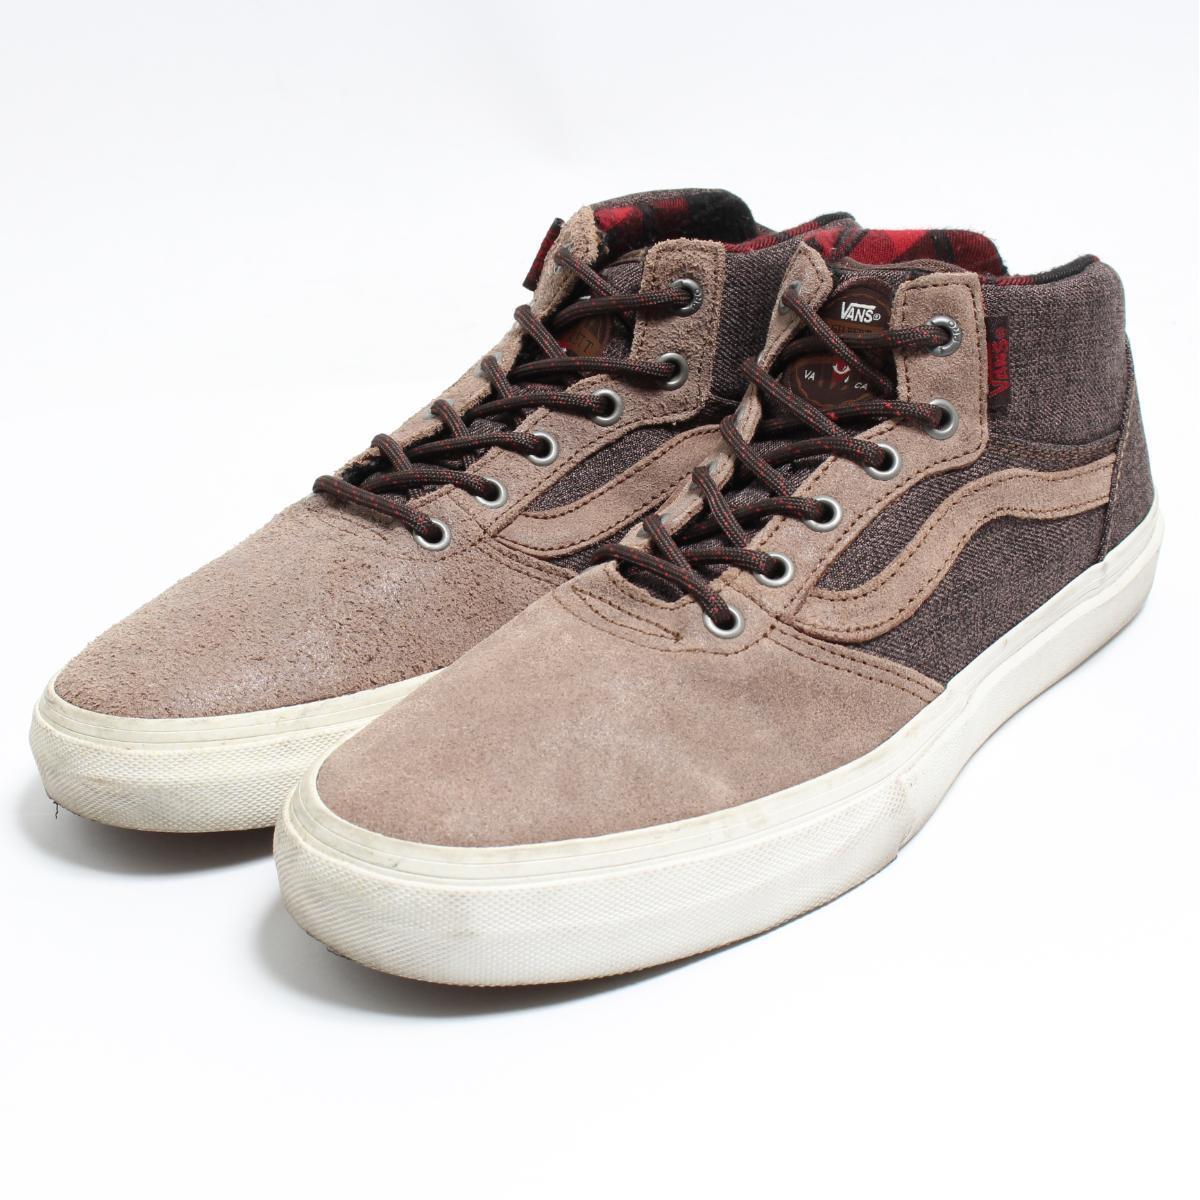 de702fe149 Vans VANS Gilbert Crockett Pro Mid higher frequency elimination sneakers  US9 .5 men s 27.5cm  bon4539